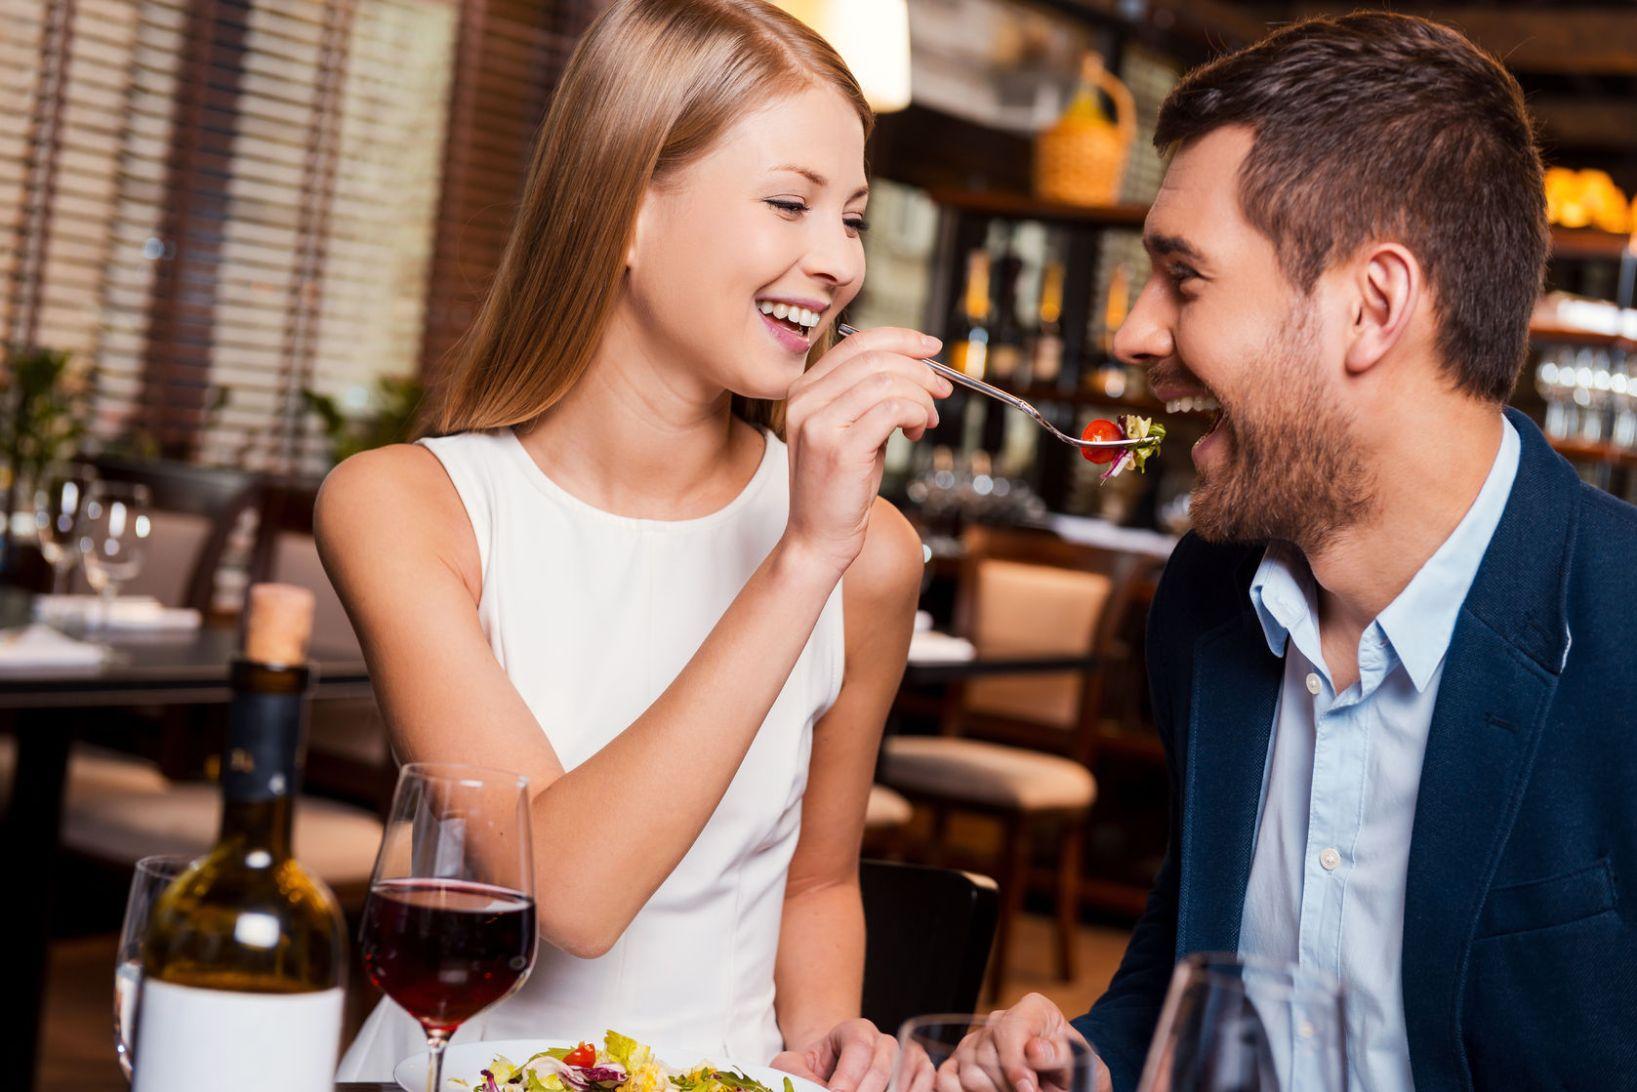 남자들이 여자랑 밥 먹을 때 조심해야 할 것은?